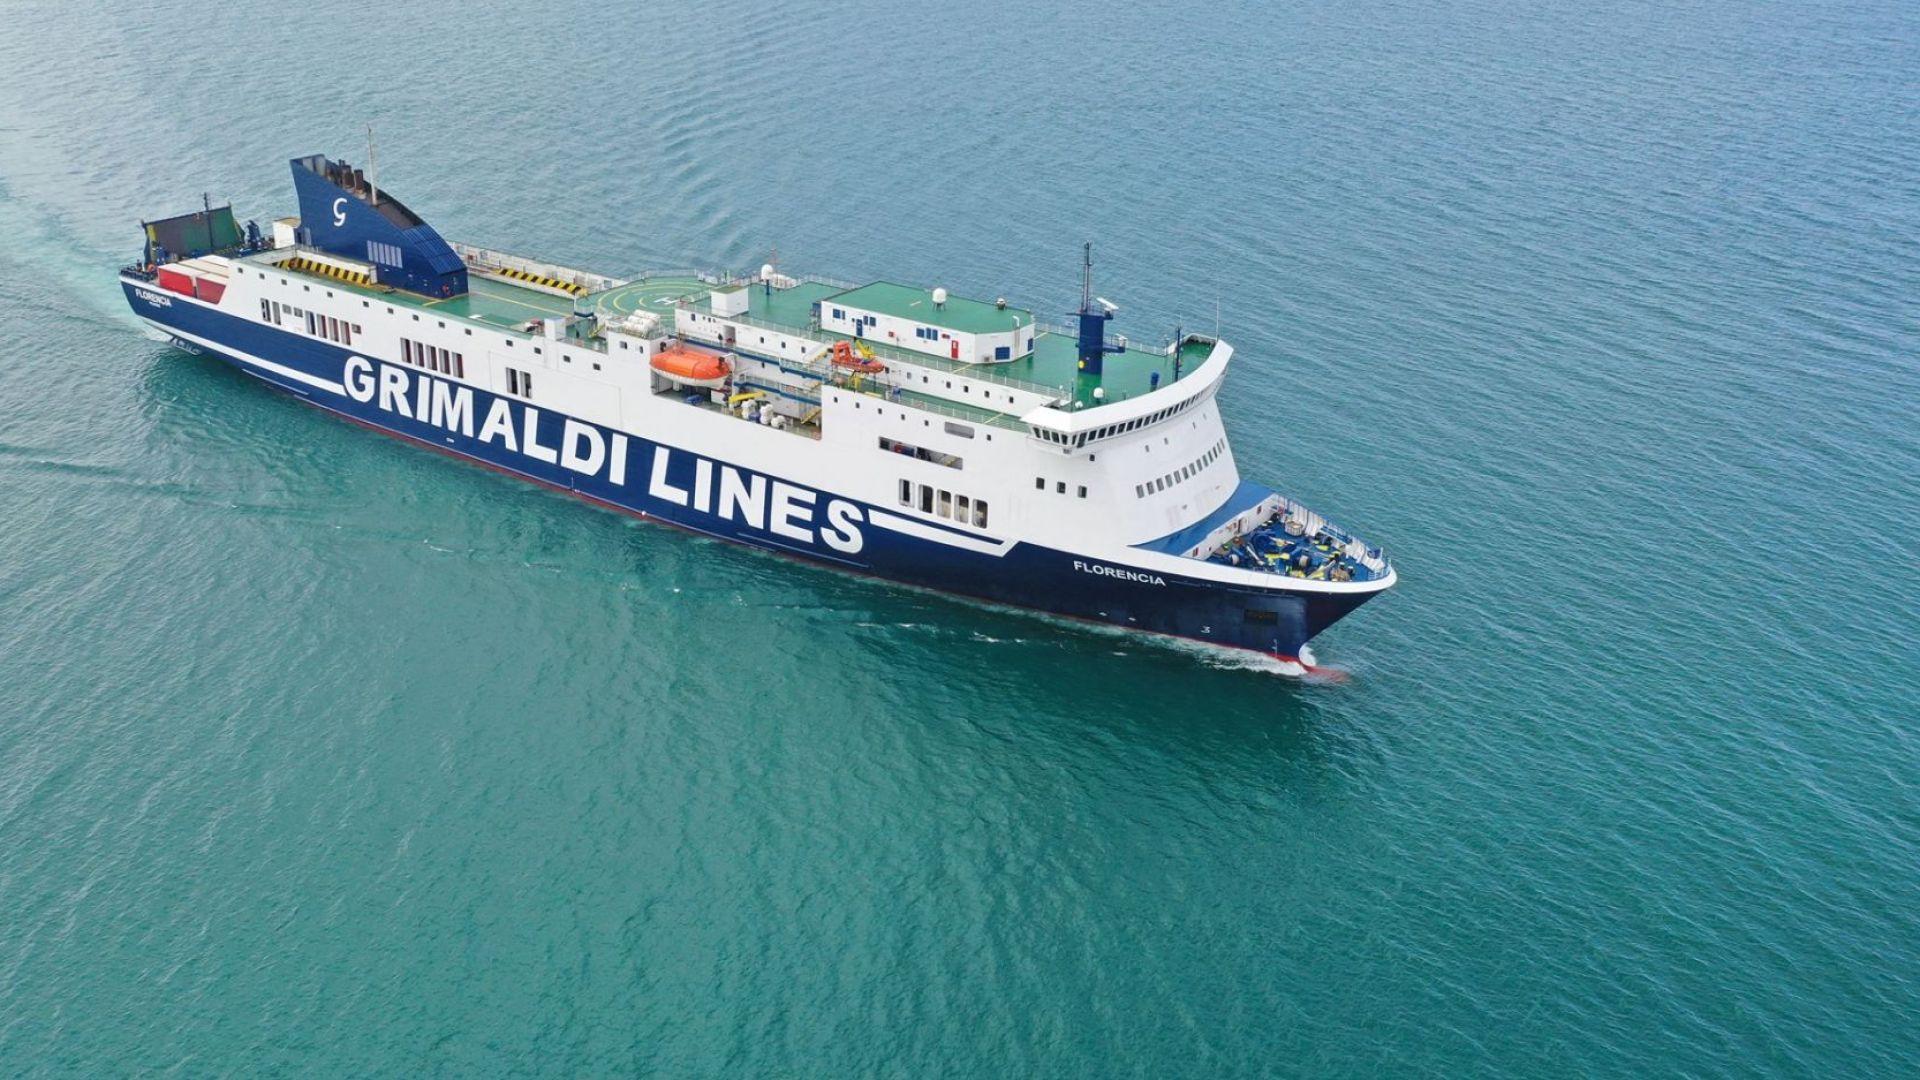 Смъртоносен шок убил българския моряк край Сардиния, разследват има ли виновен